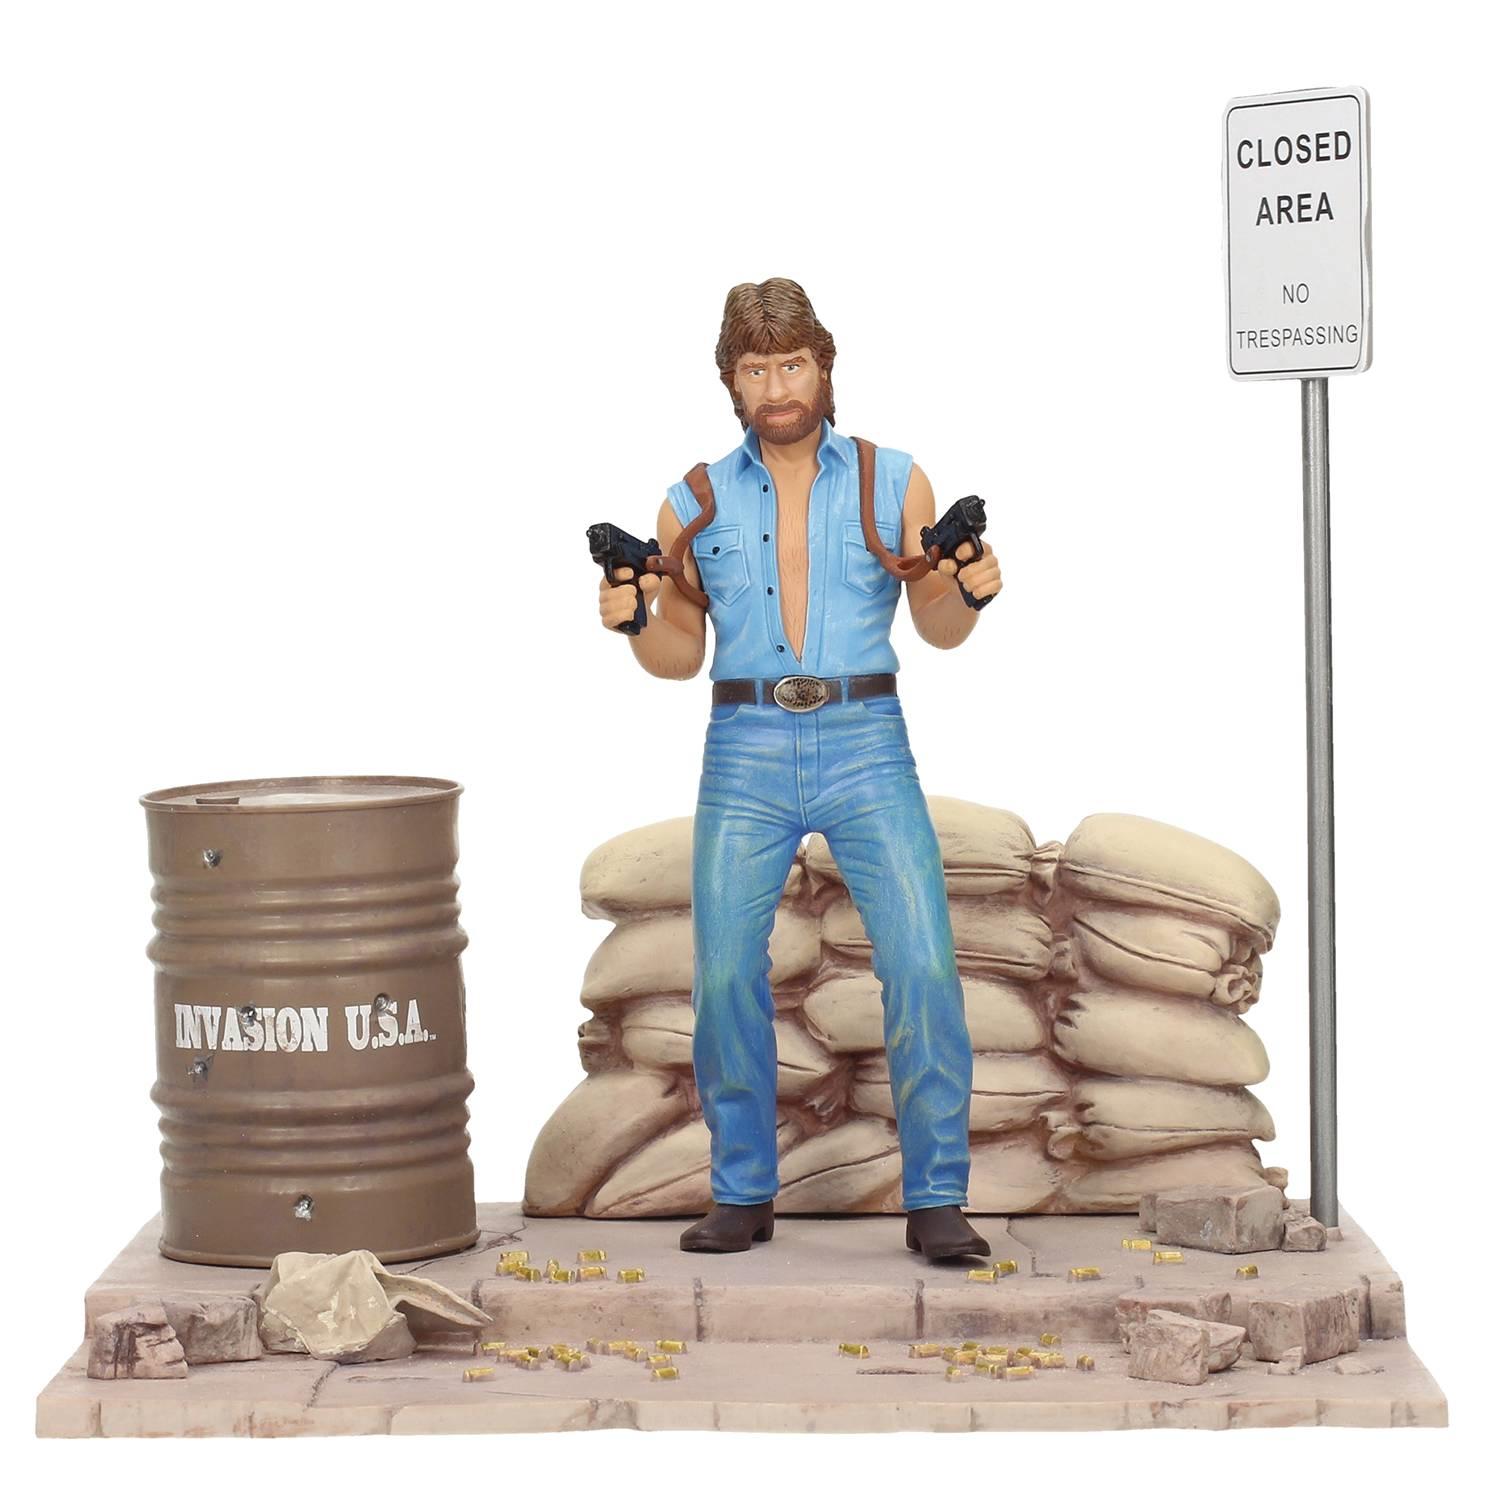 Movie icons invasion der usa matt jäger 7  - figur mit diorama